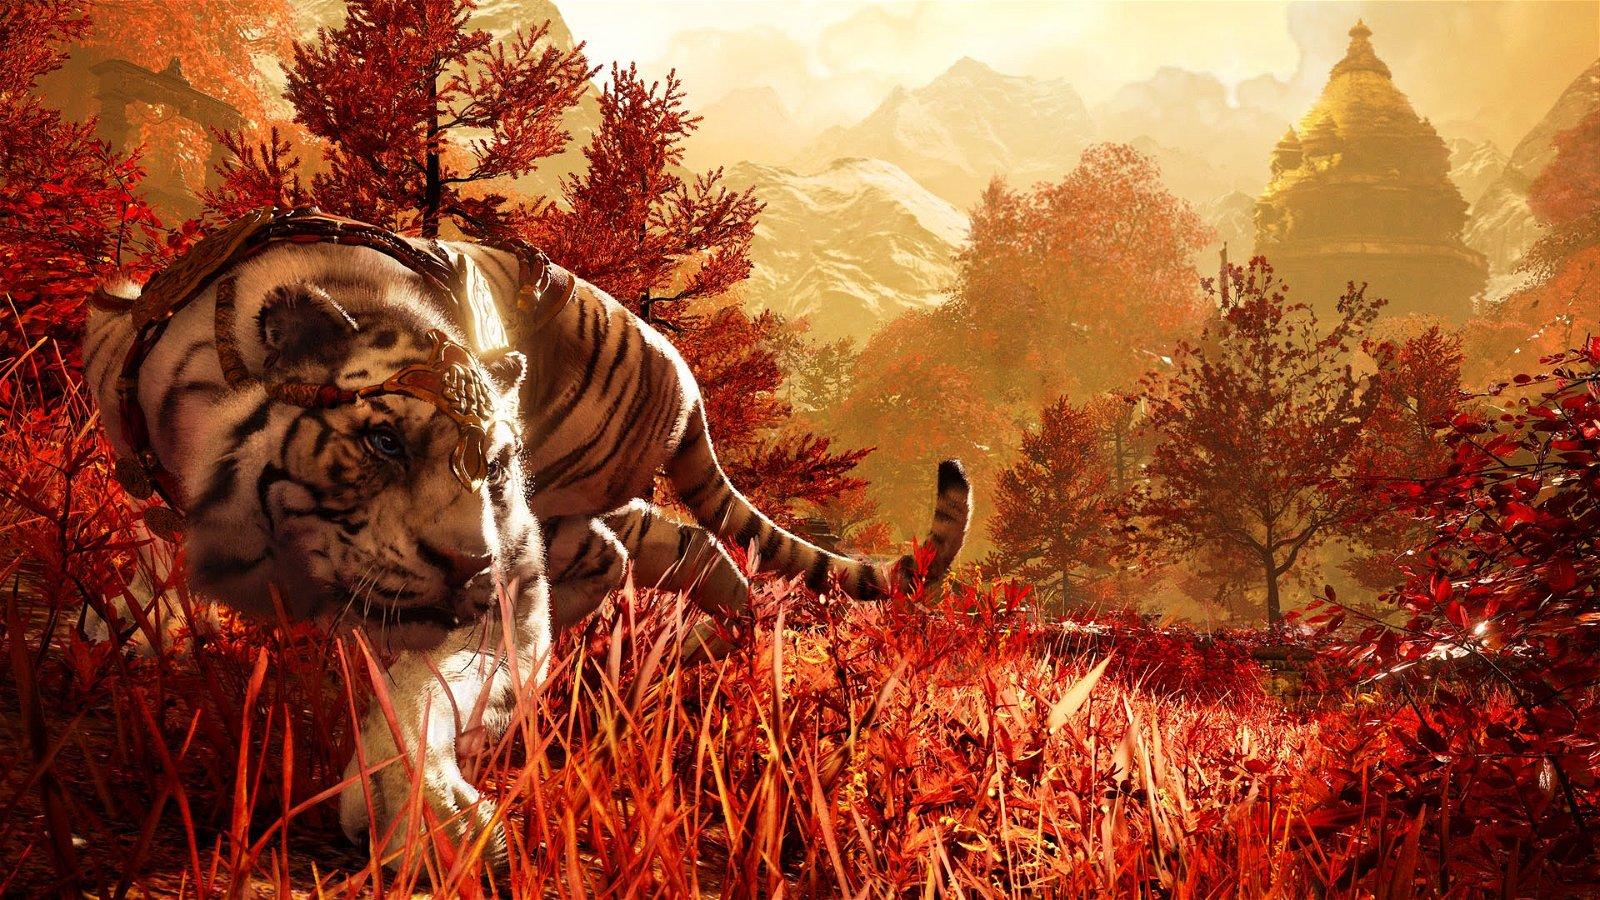 Far Cry 4 - Shangri La